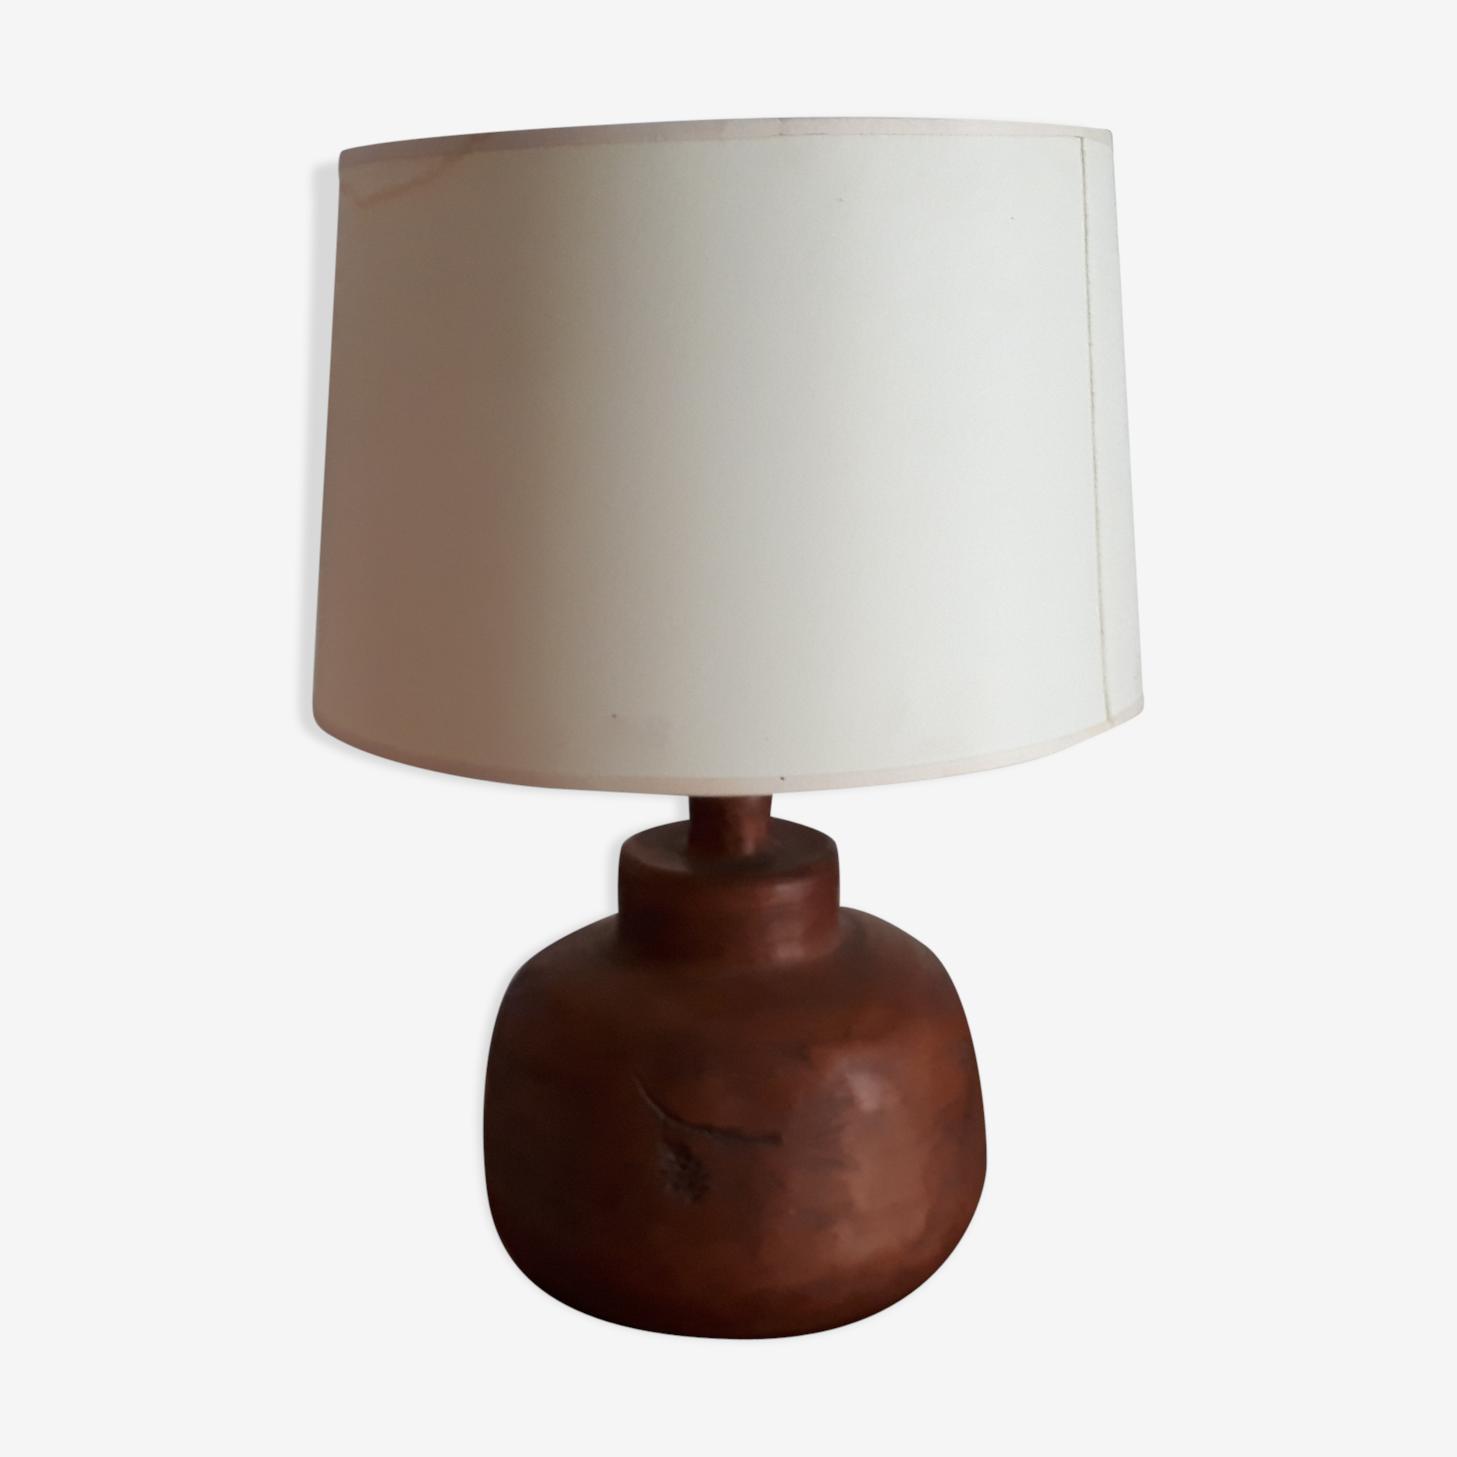 Ceramic lamp 60